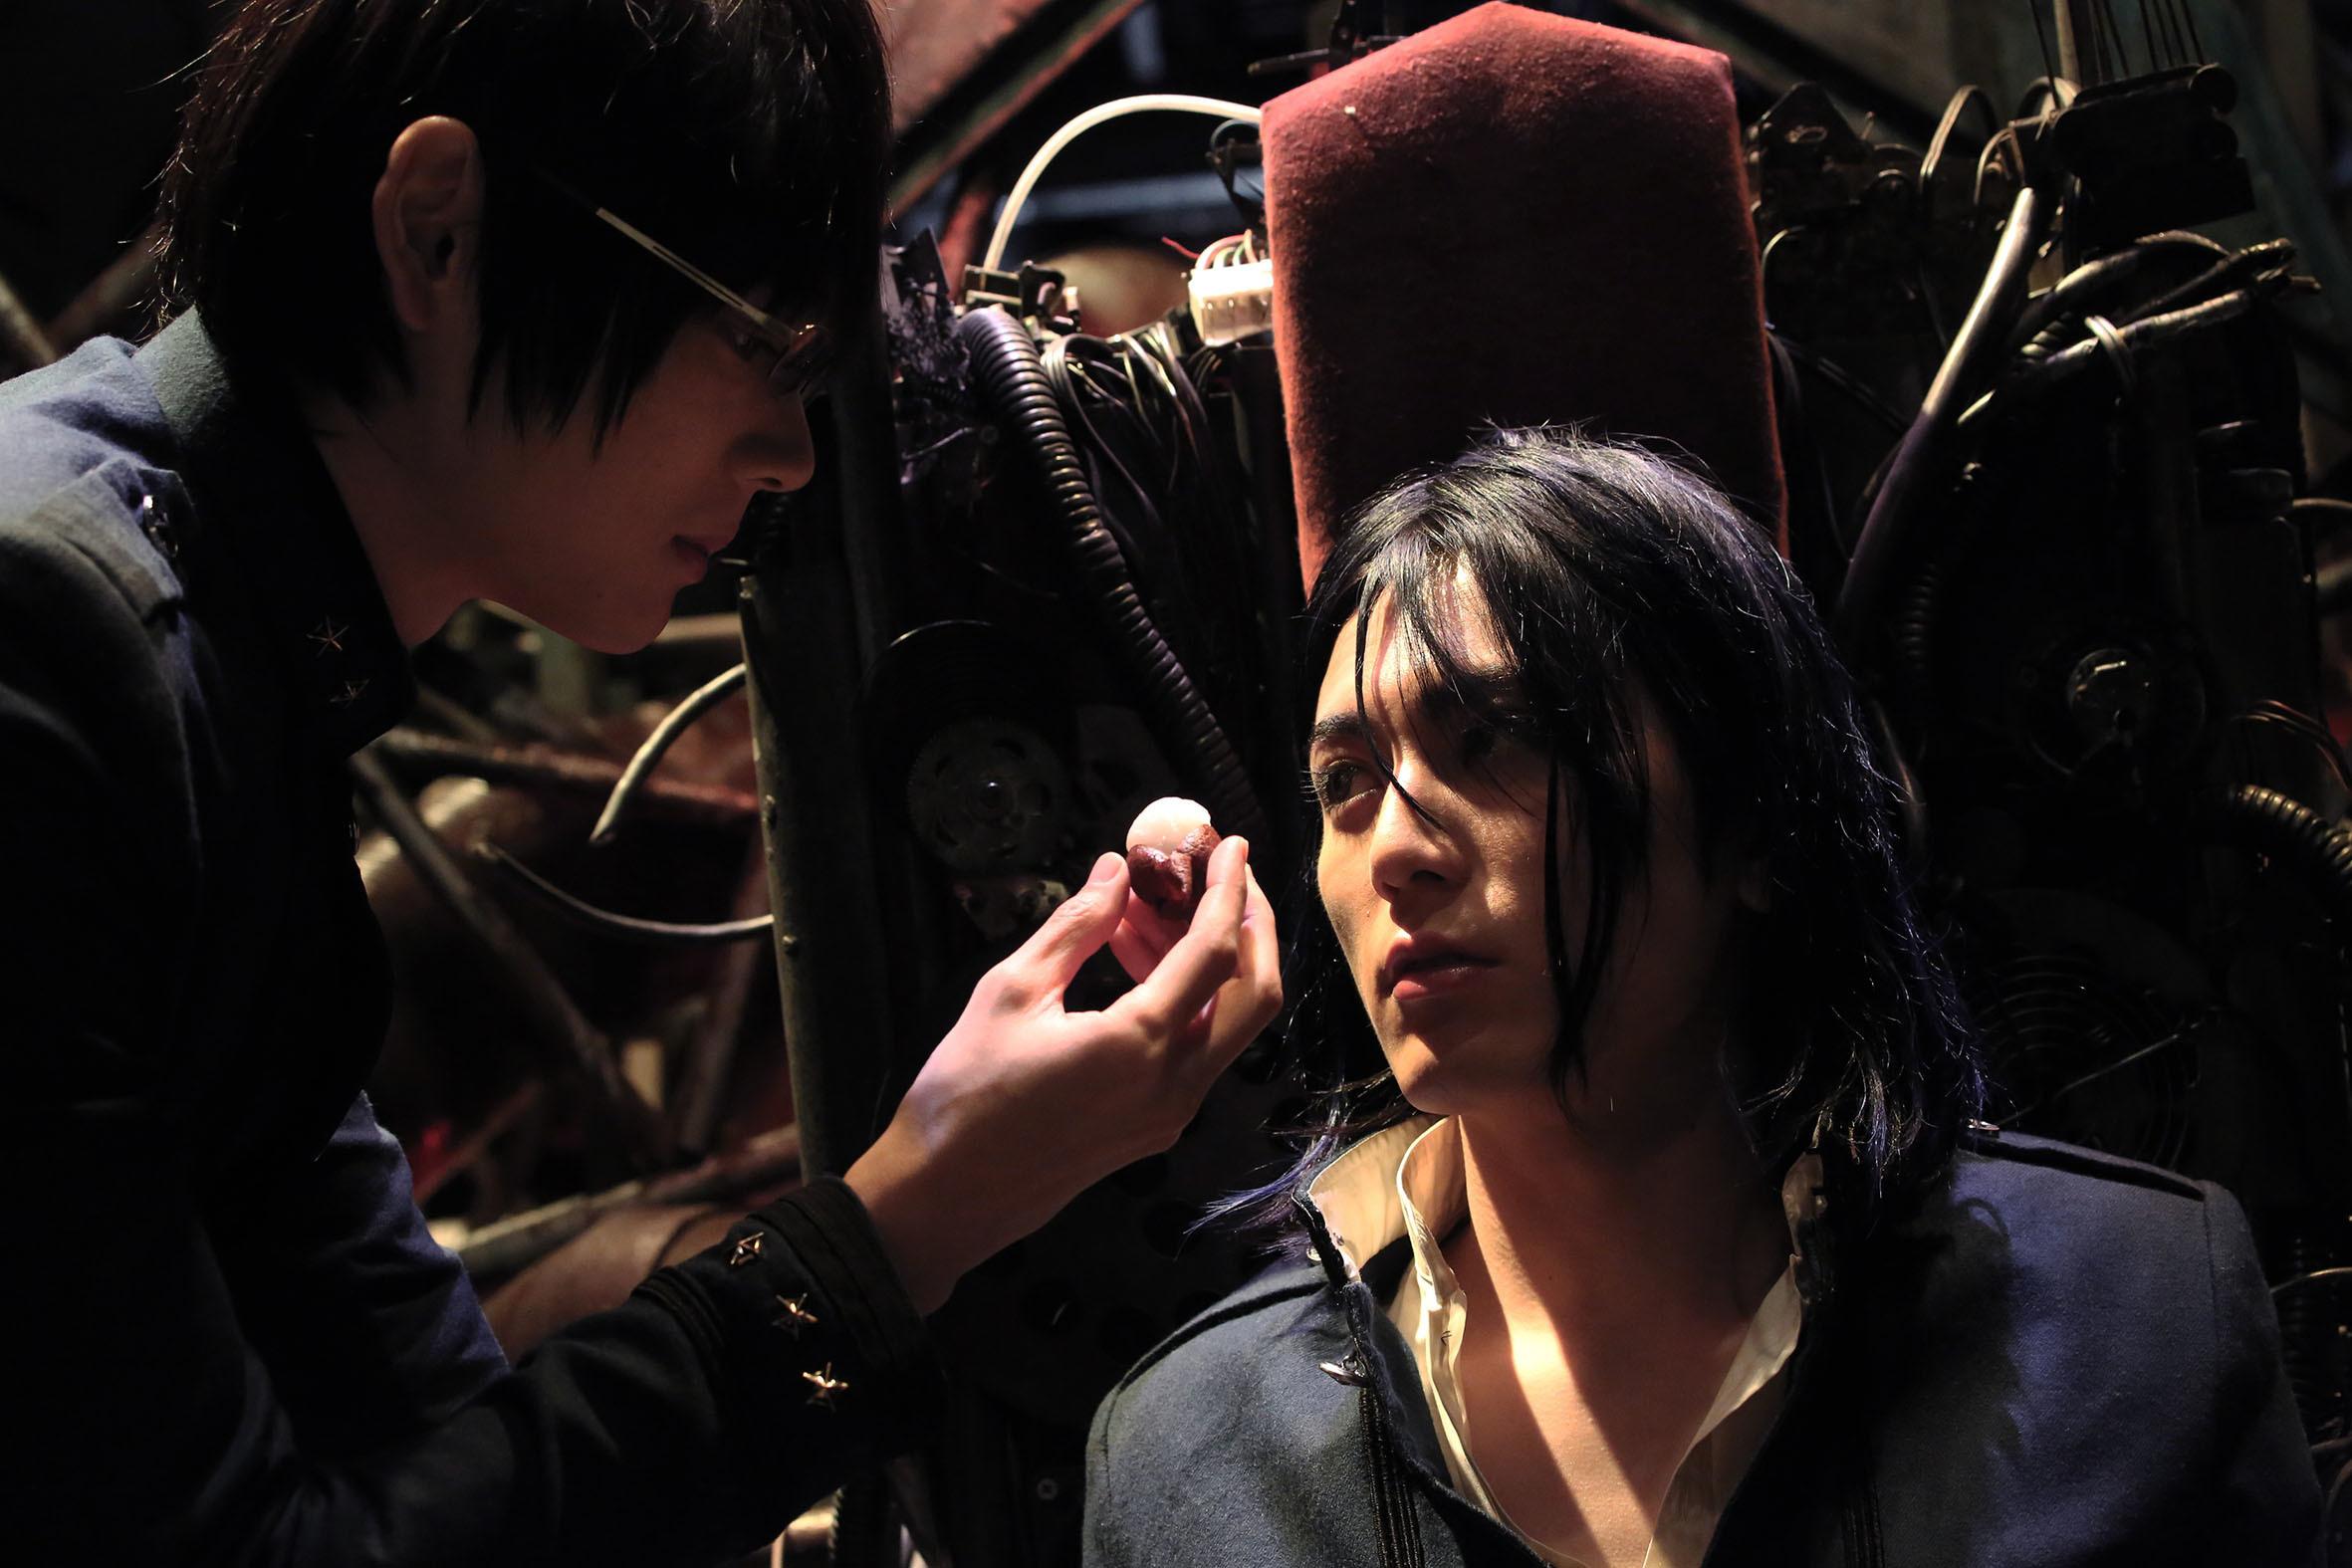 劇中で妖艶にからむ古川雄輝(左)と間宮祥太朗(右)『ライチ☆光クラブ』 (C)2015『ライチ☆光クラブ』製作委員会